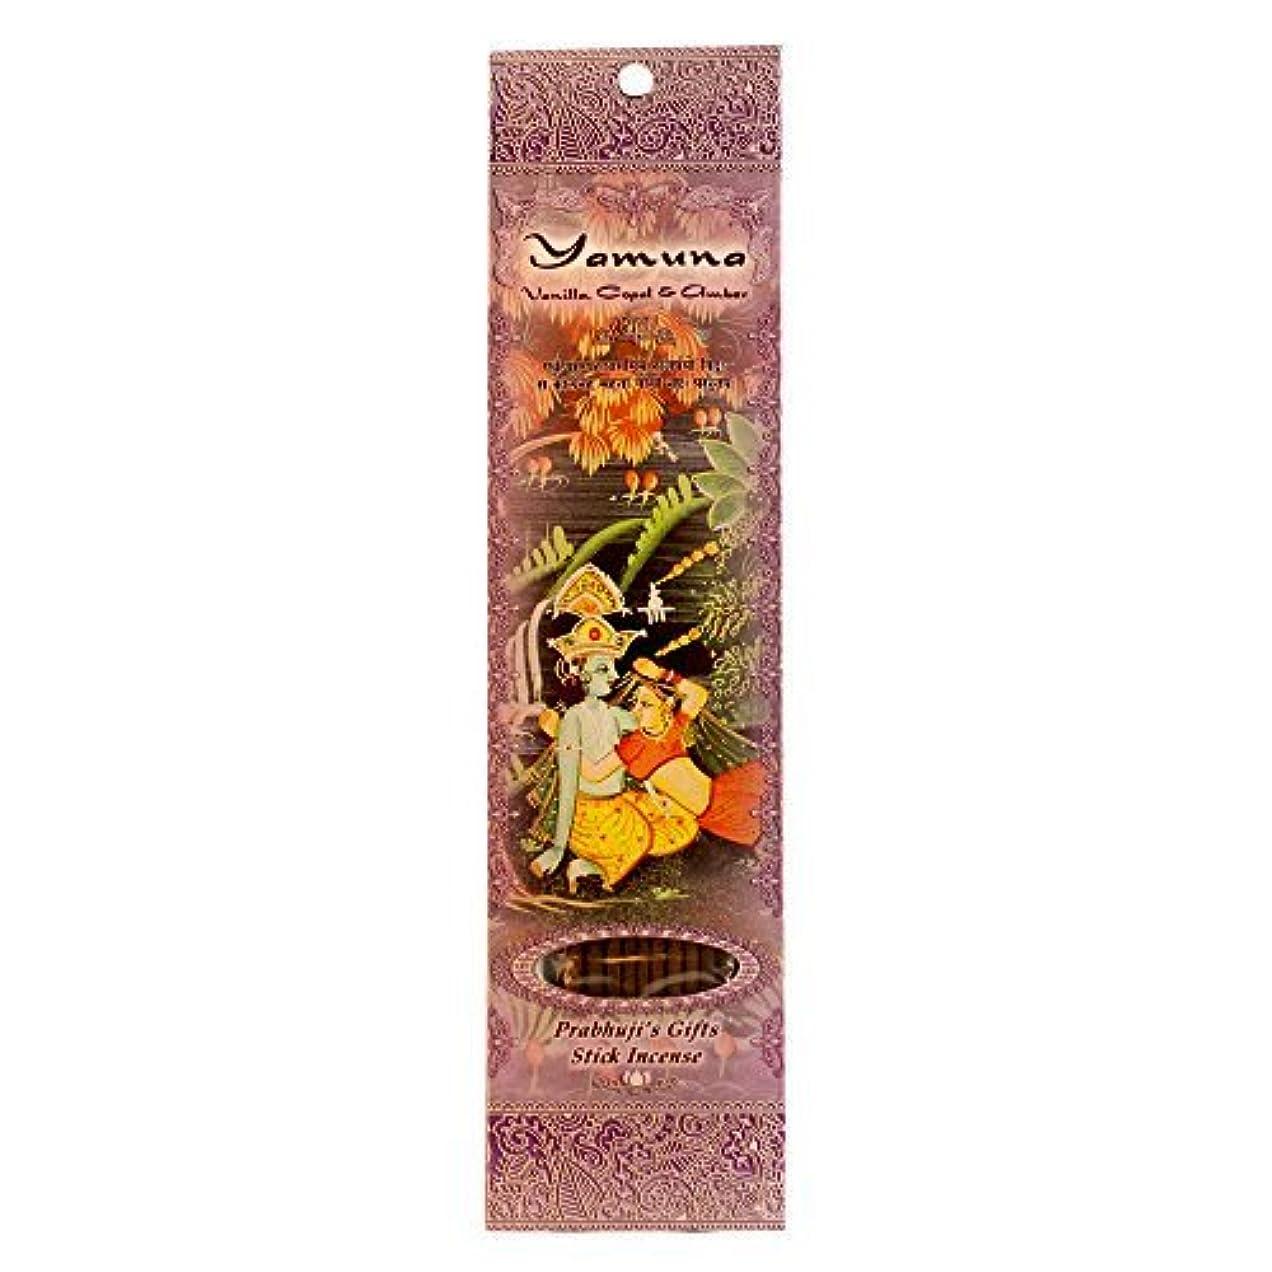 予防接種する粘着性しっかりIncense Sticks Yamuna - Vanilla Copal and Amber [並行輸入品]